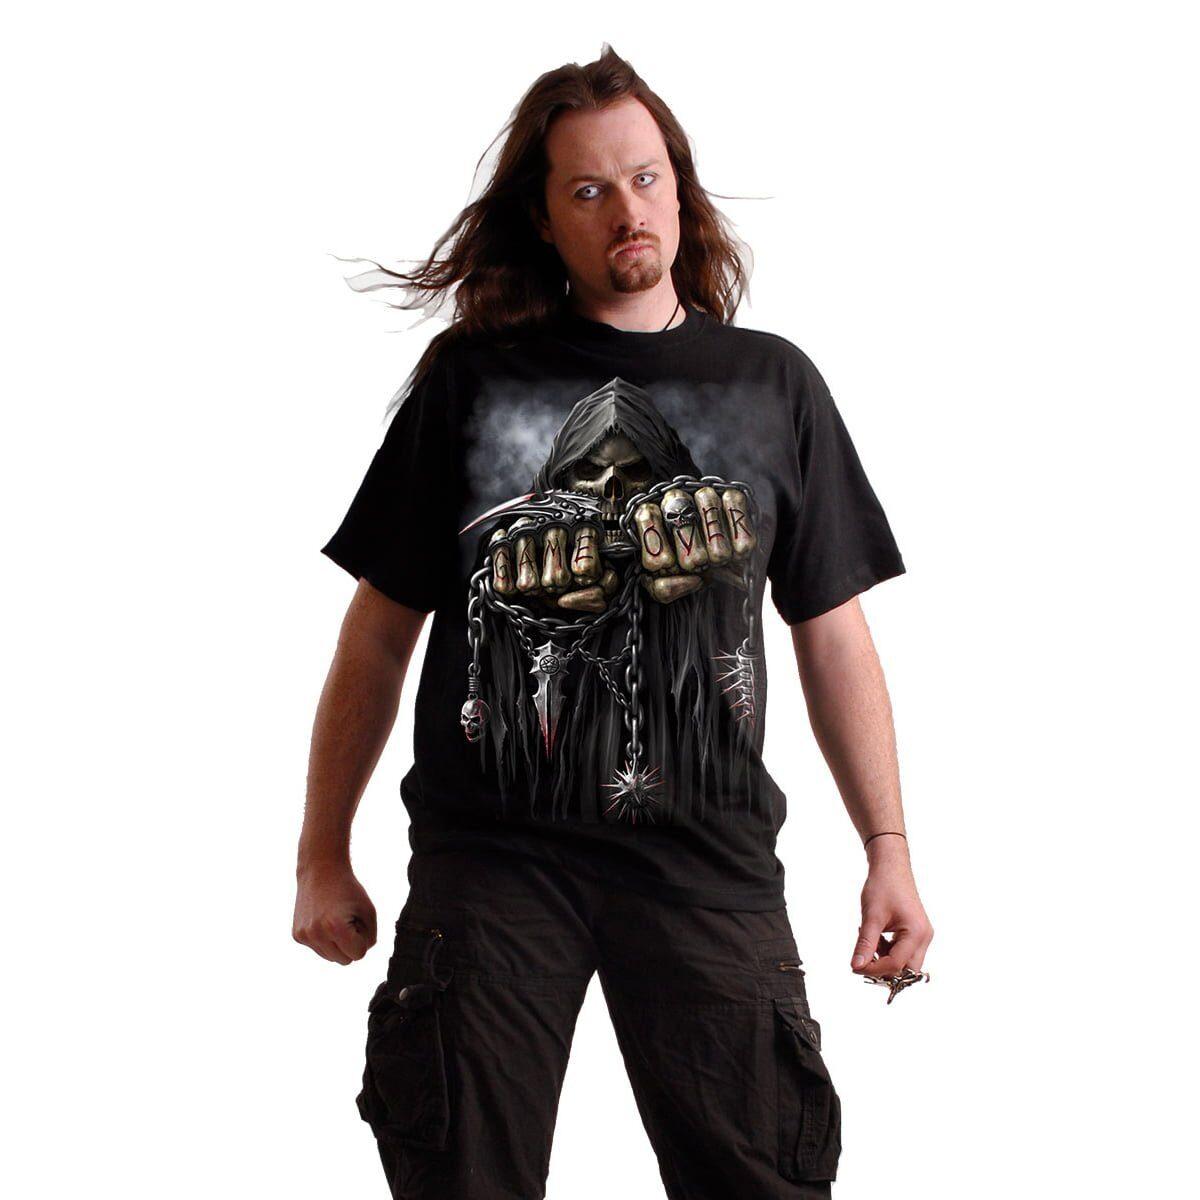 game over svart t-skjorte til herre T026M101